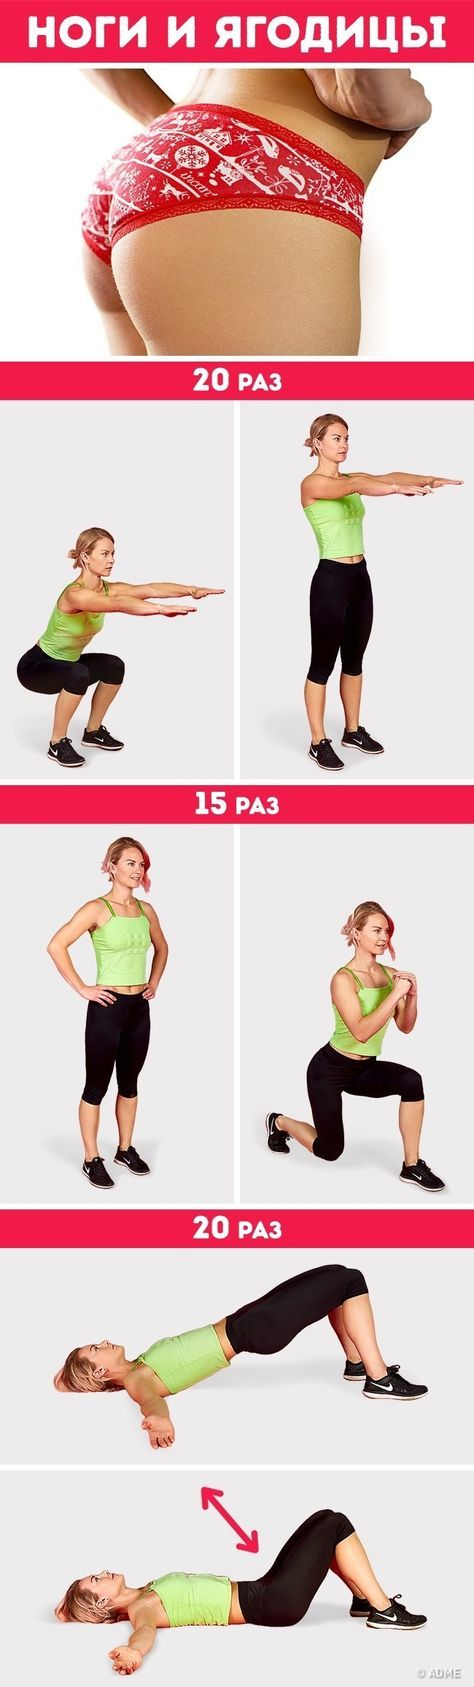 13упражнений, чтобы прокачать все тело исбросить вес